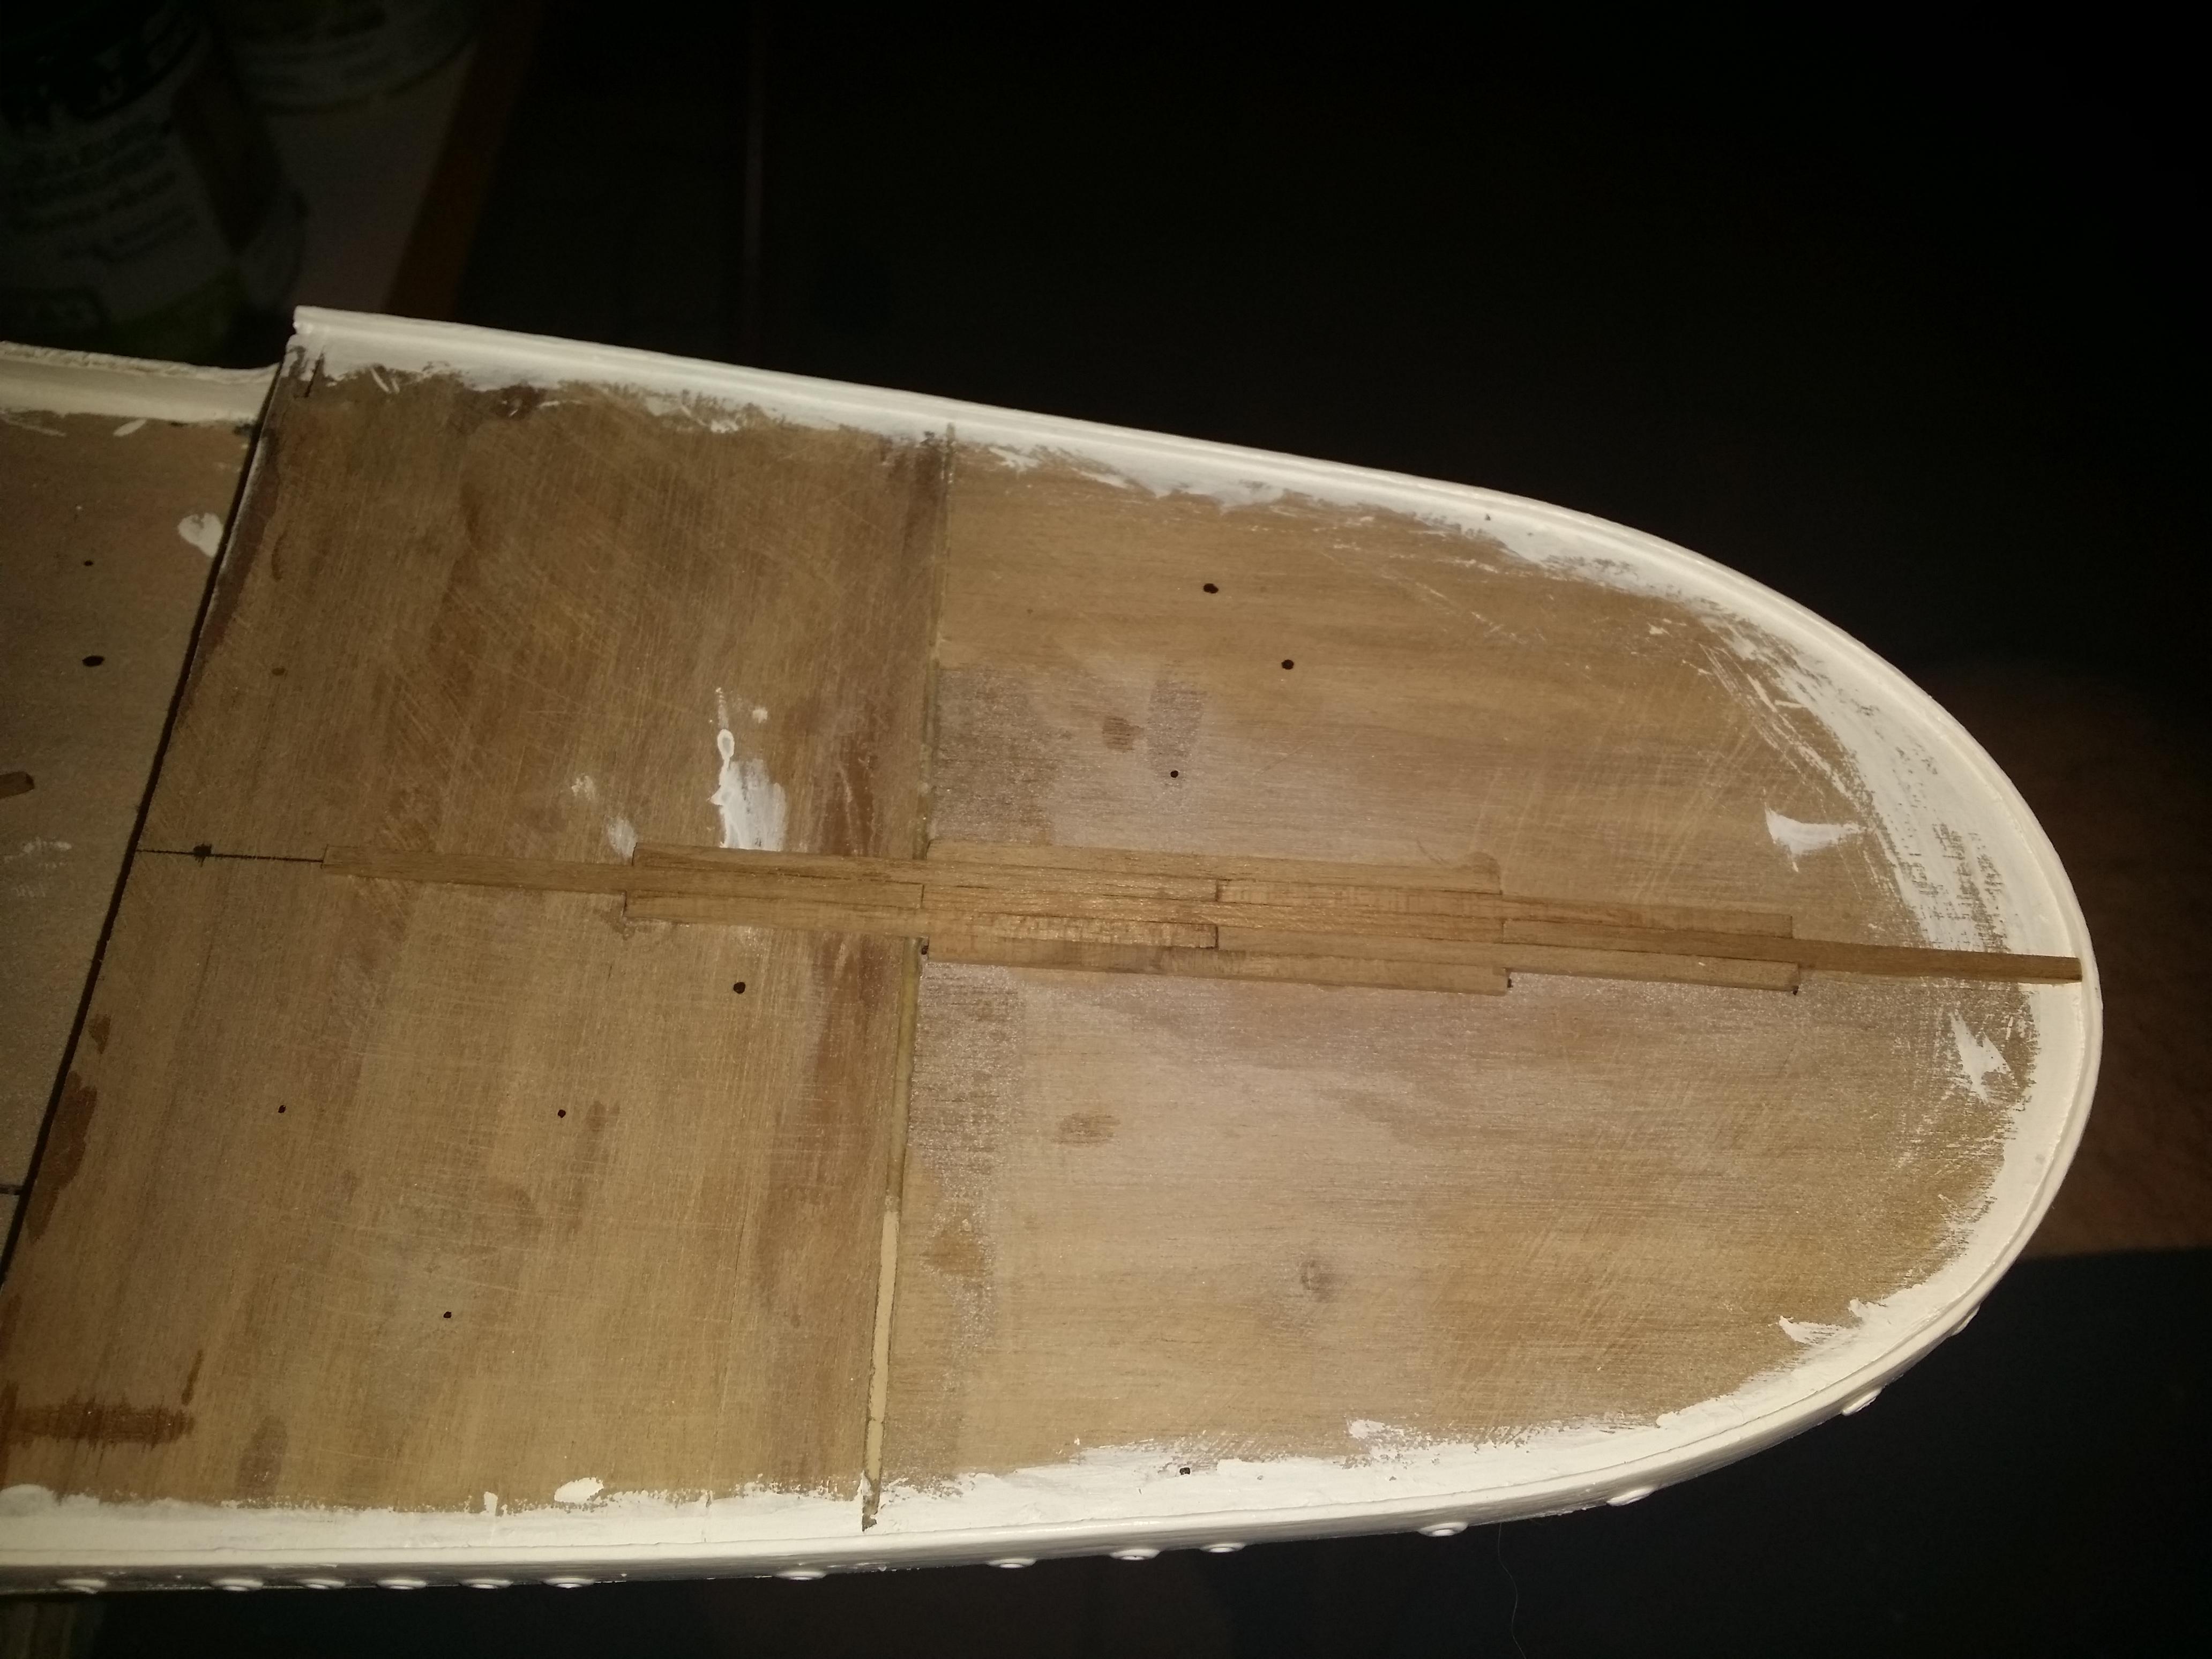 RMS Titanic sur plan   au 1/200 9786314336